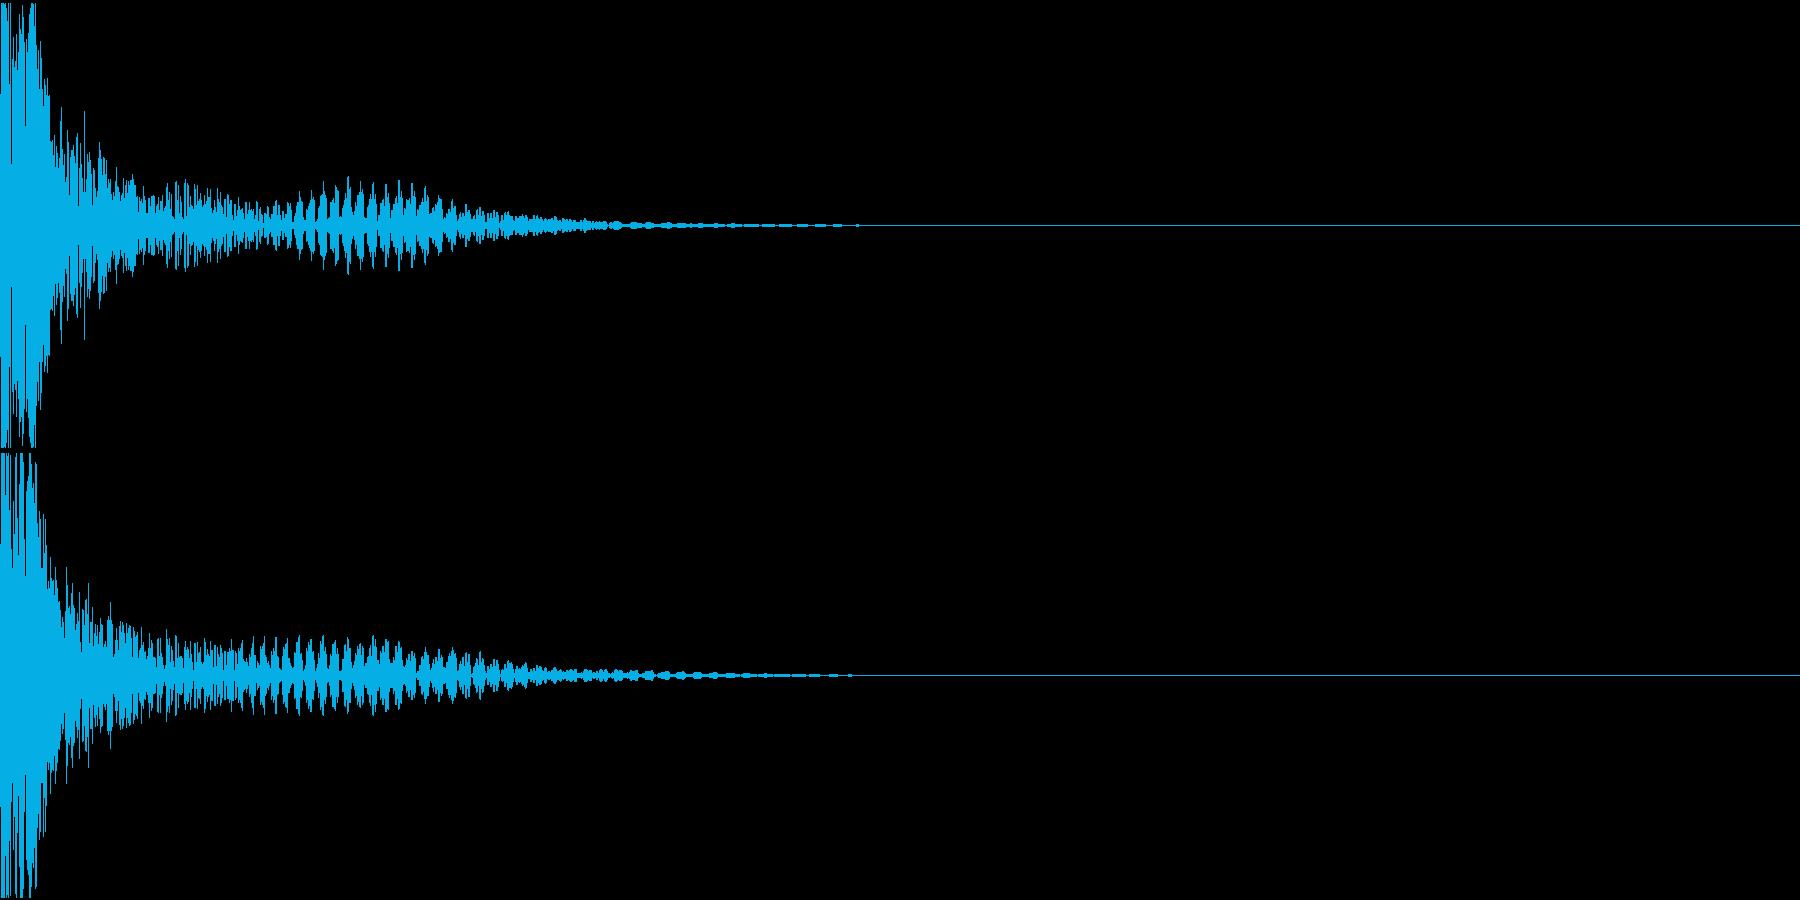 BASIC BEAM RIFLE 銃撃音の再生済みの波形